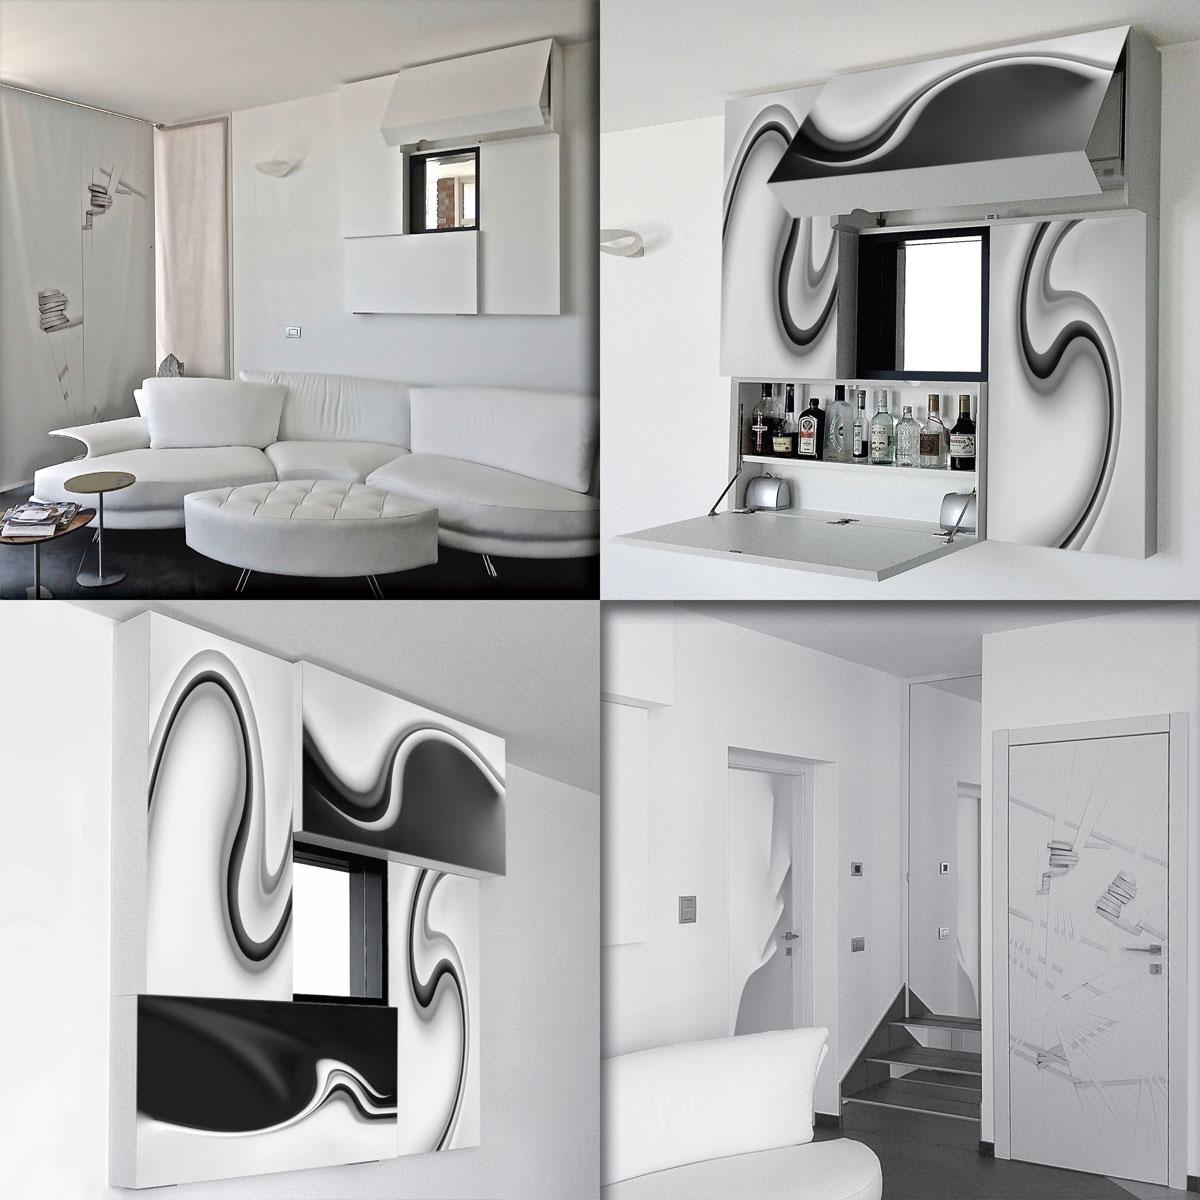 Arredo Design - CROMOFLASH - Azienda grafica - Castronno - Varese